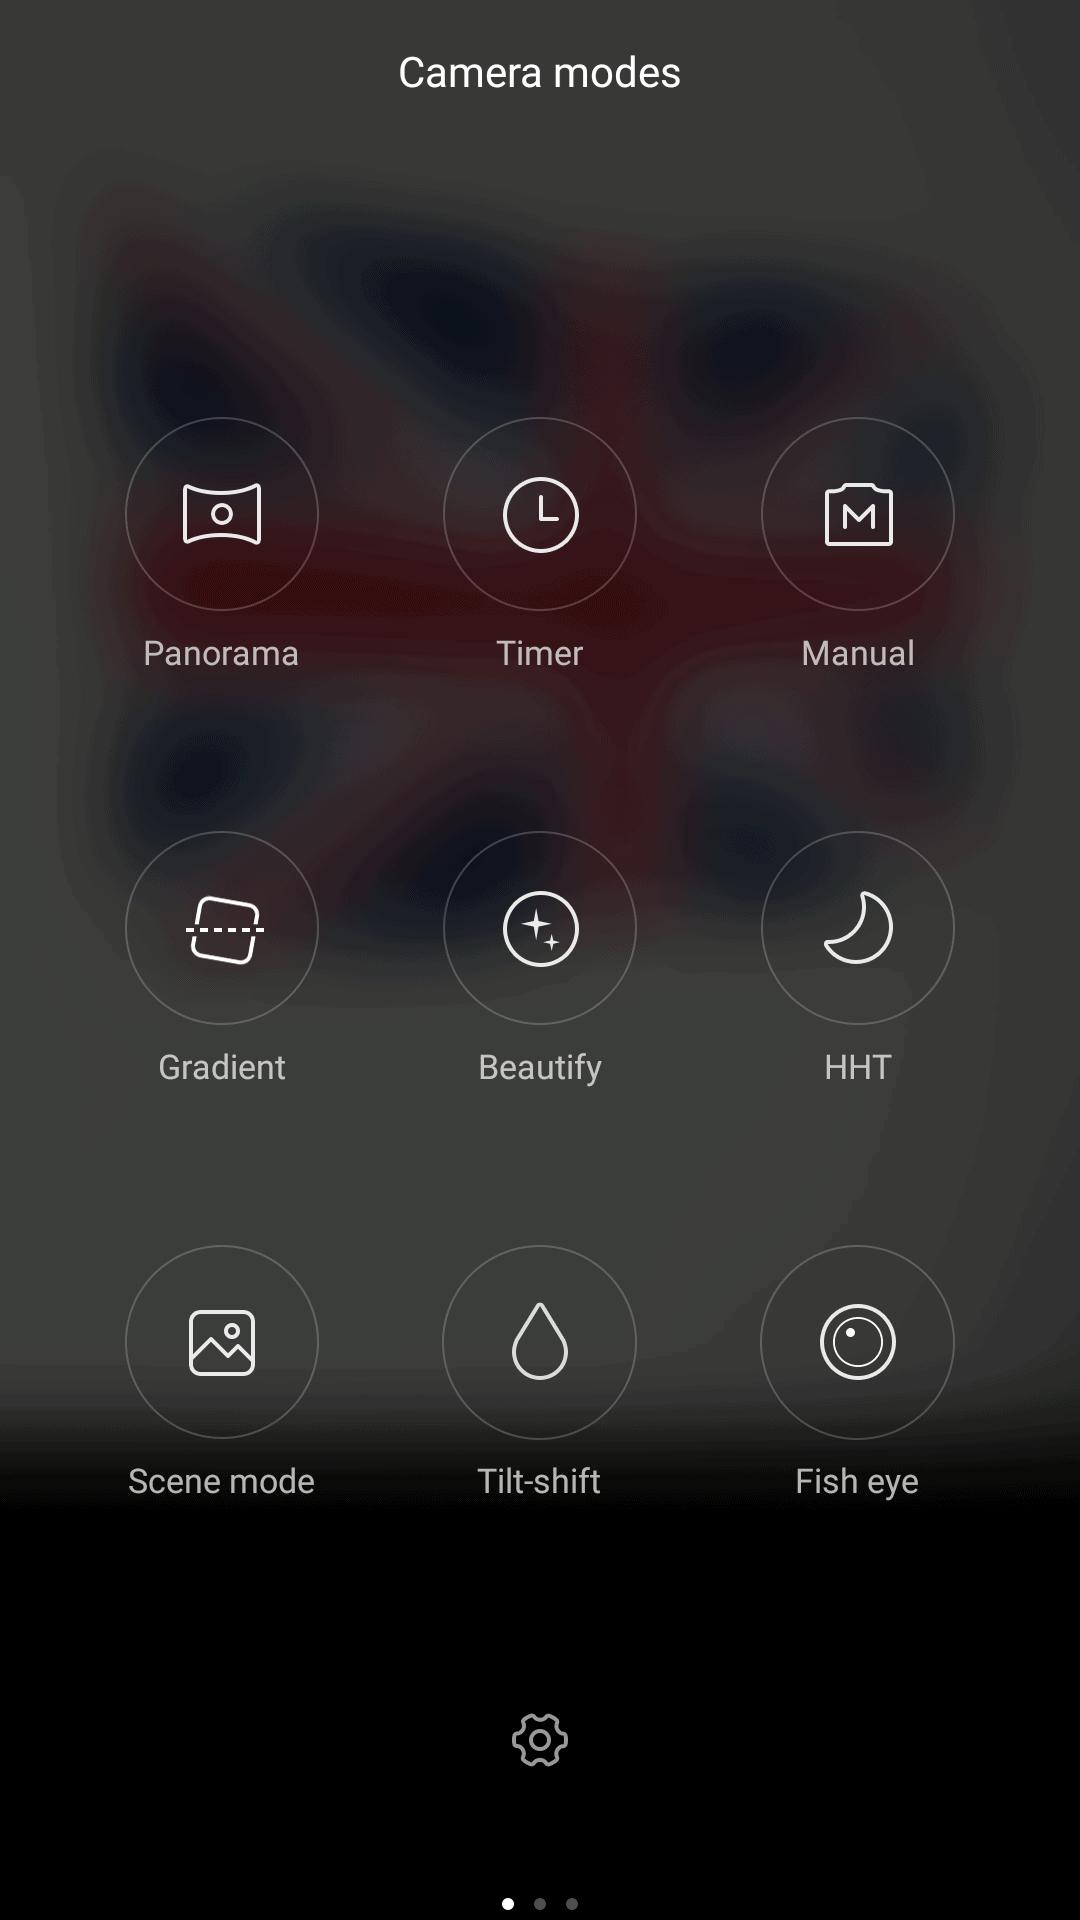 Screenshot 2016 04 10 04 57 08 com.android.camera